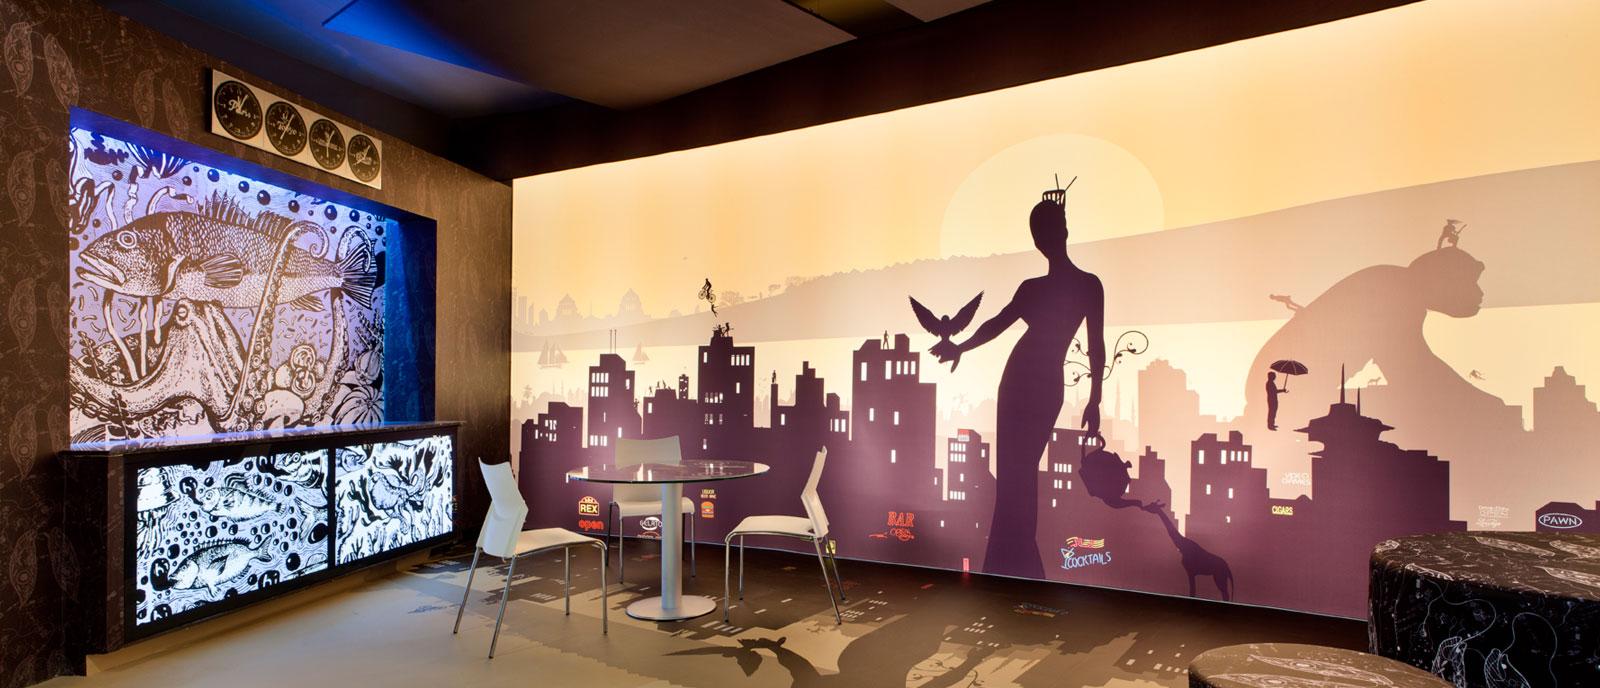 Espacio Clorofila Digital – «A room with a view»